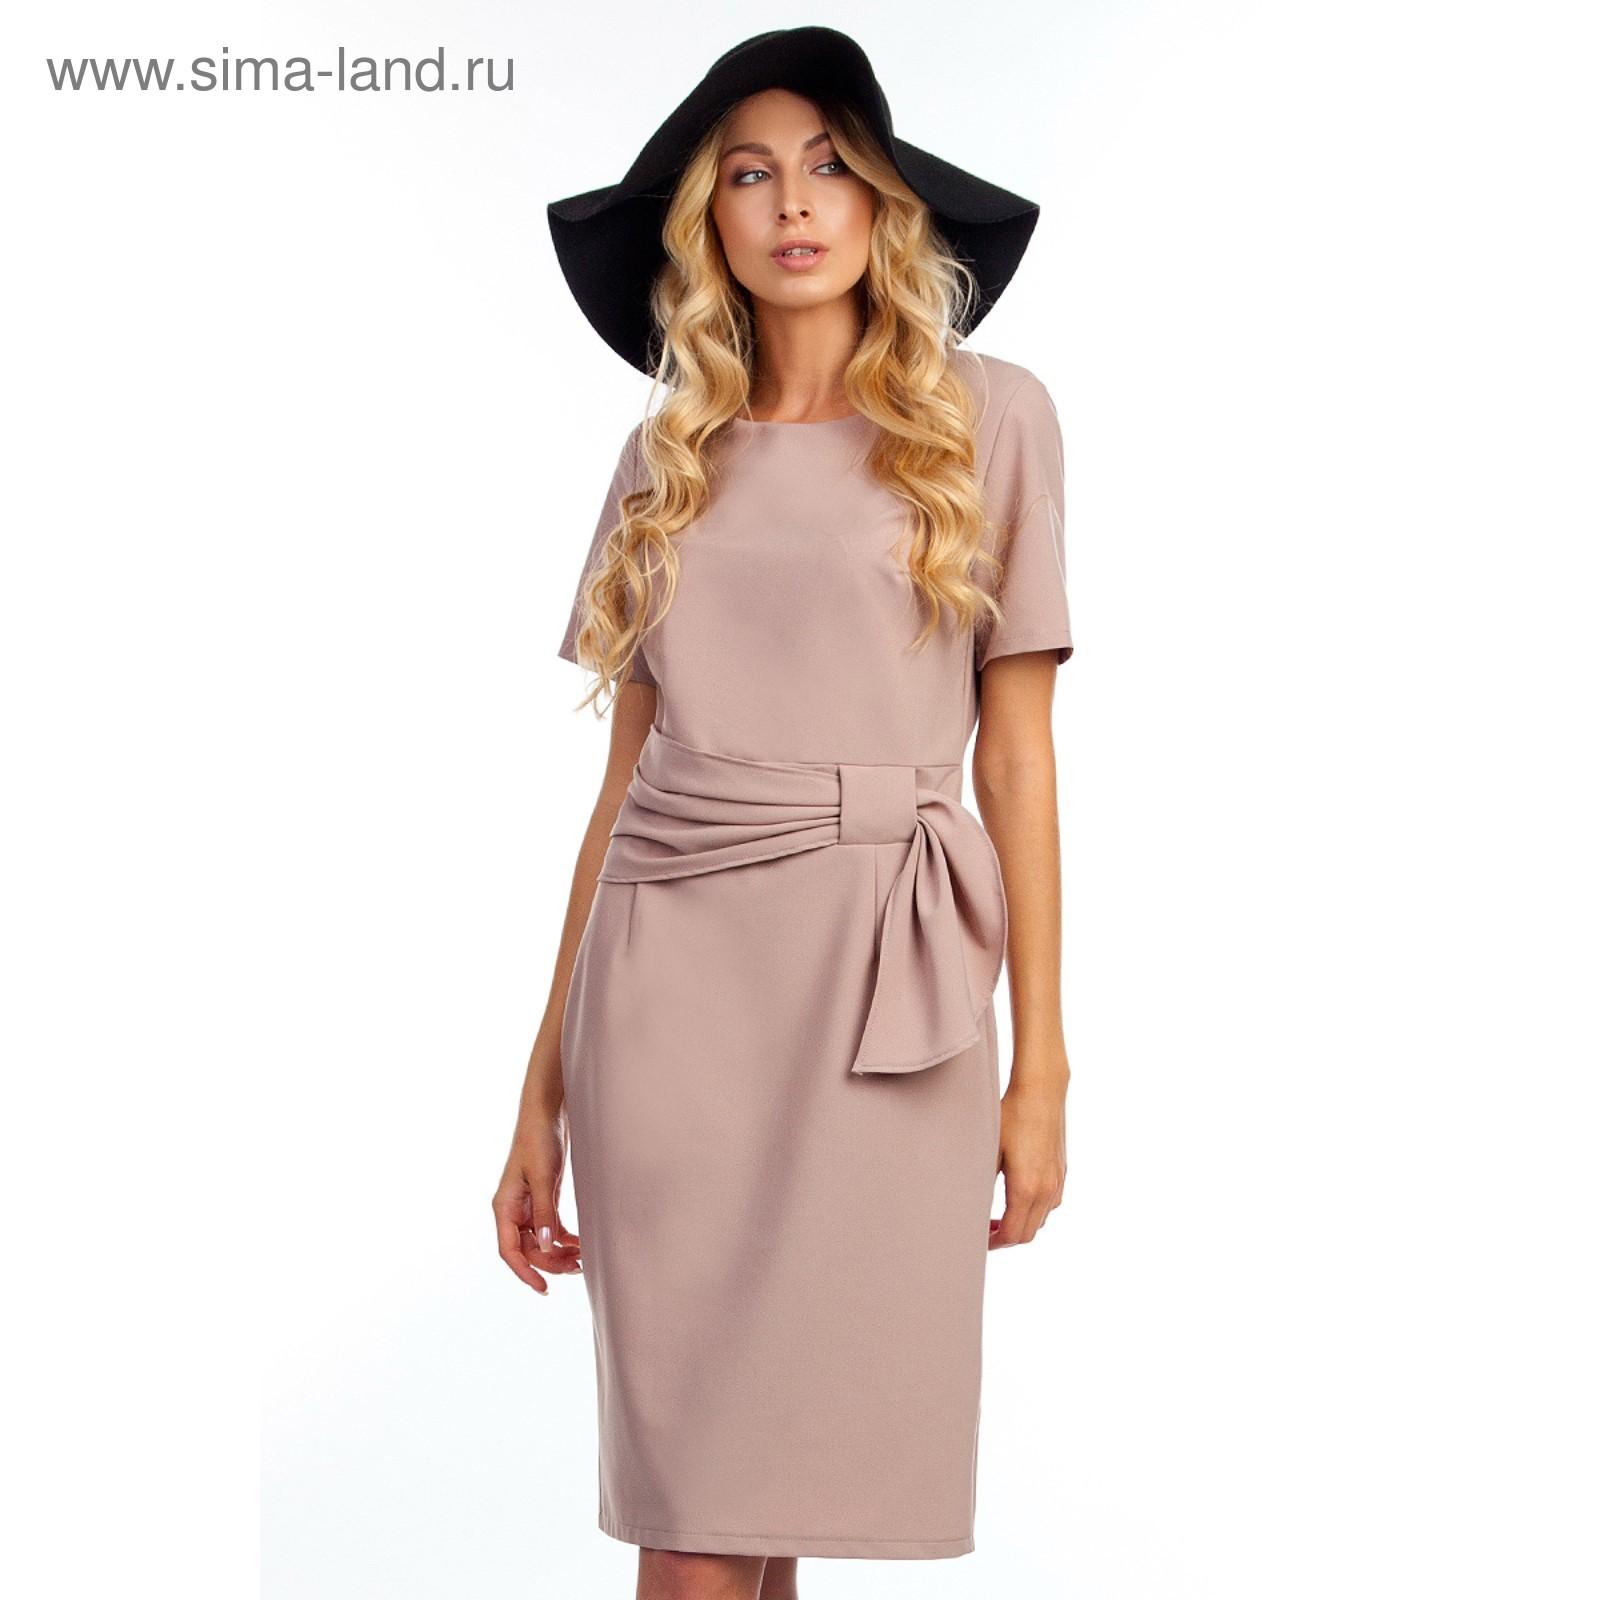 Платье женское a55d7d84d58fe